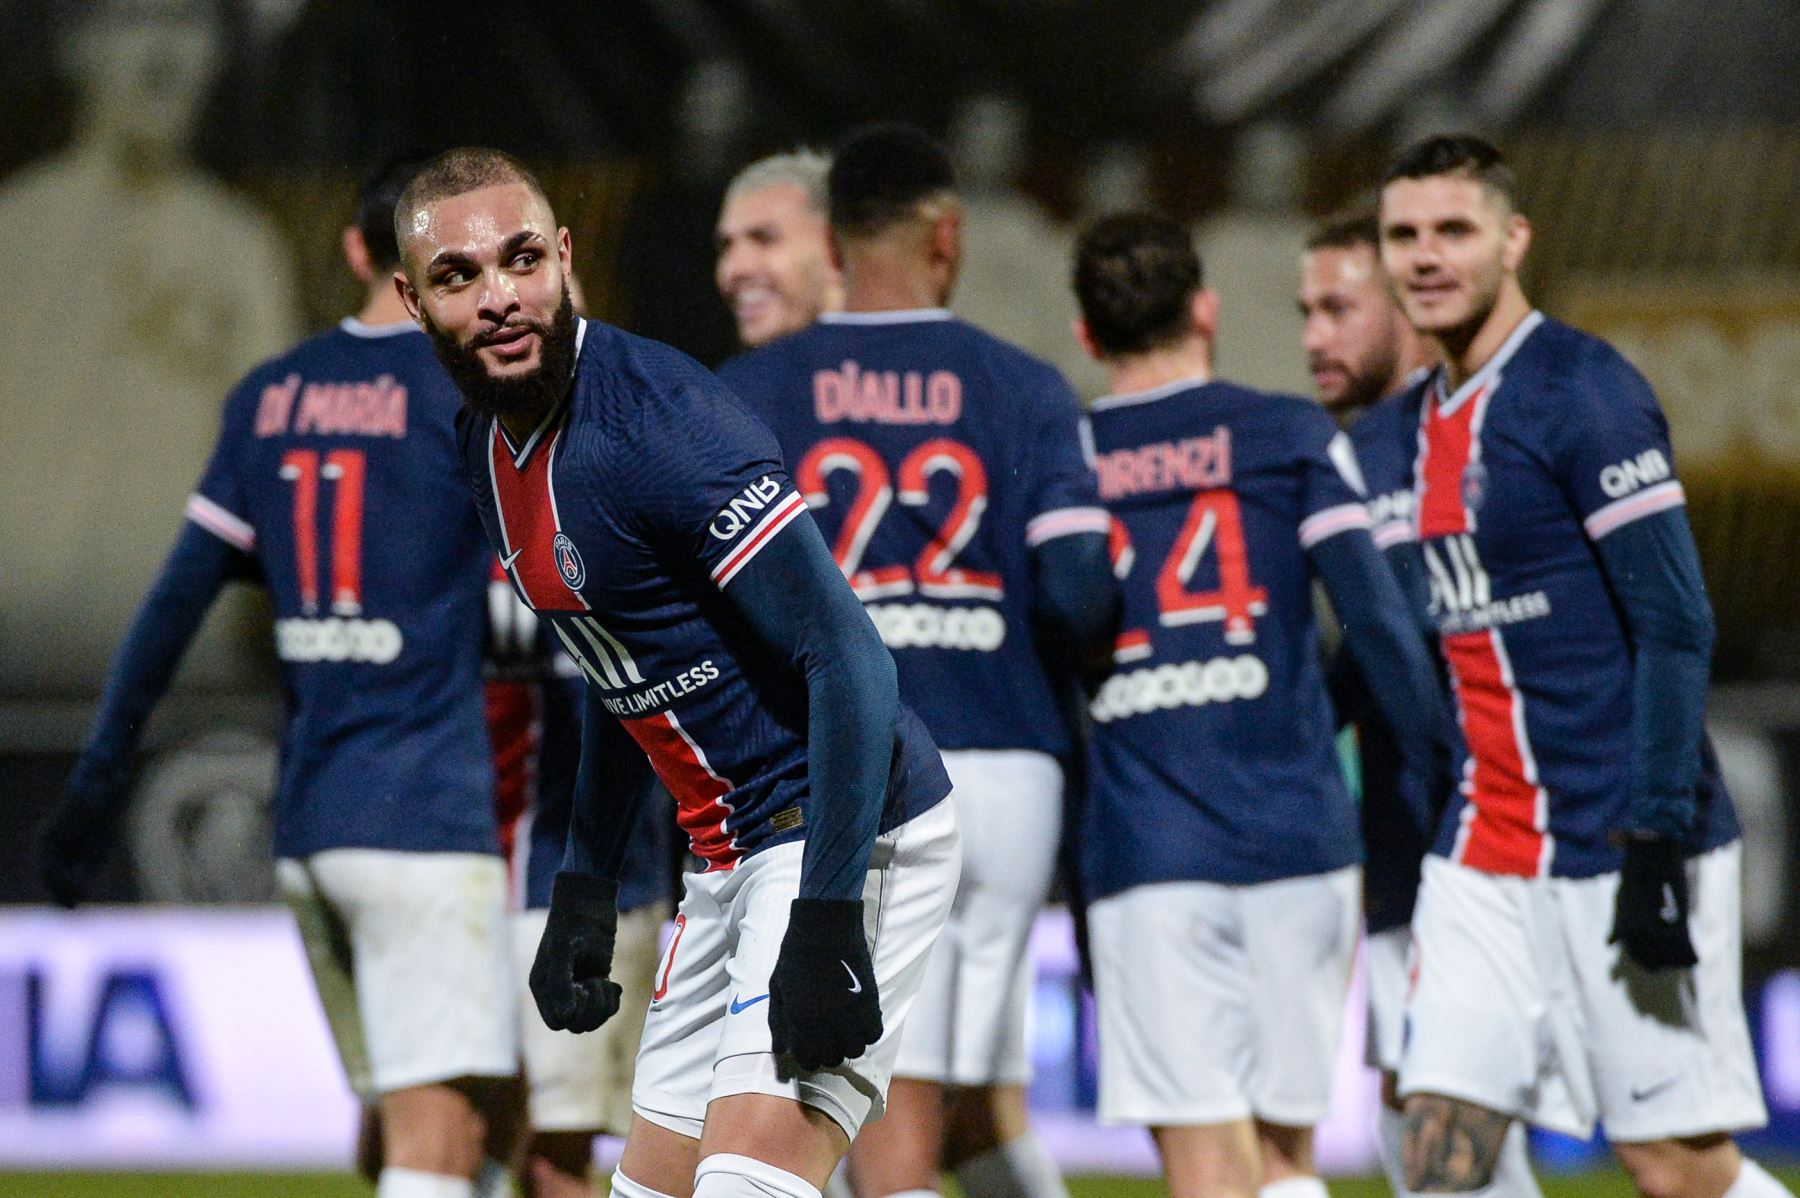 El defensor francés del PSG, Layvin Kurzawa, celebra tras marcar un gol durante el partido de fútbol francés L1 entre Angers y PSG en el Estadio Raymond Kopa en Angers, oeste de Francia. Foto: AFP